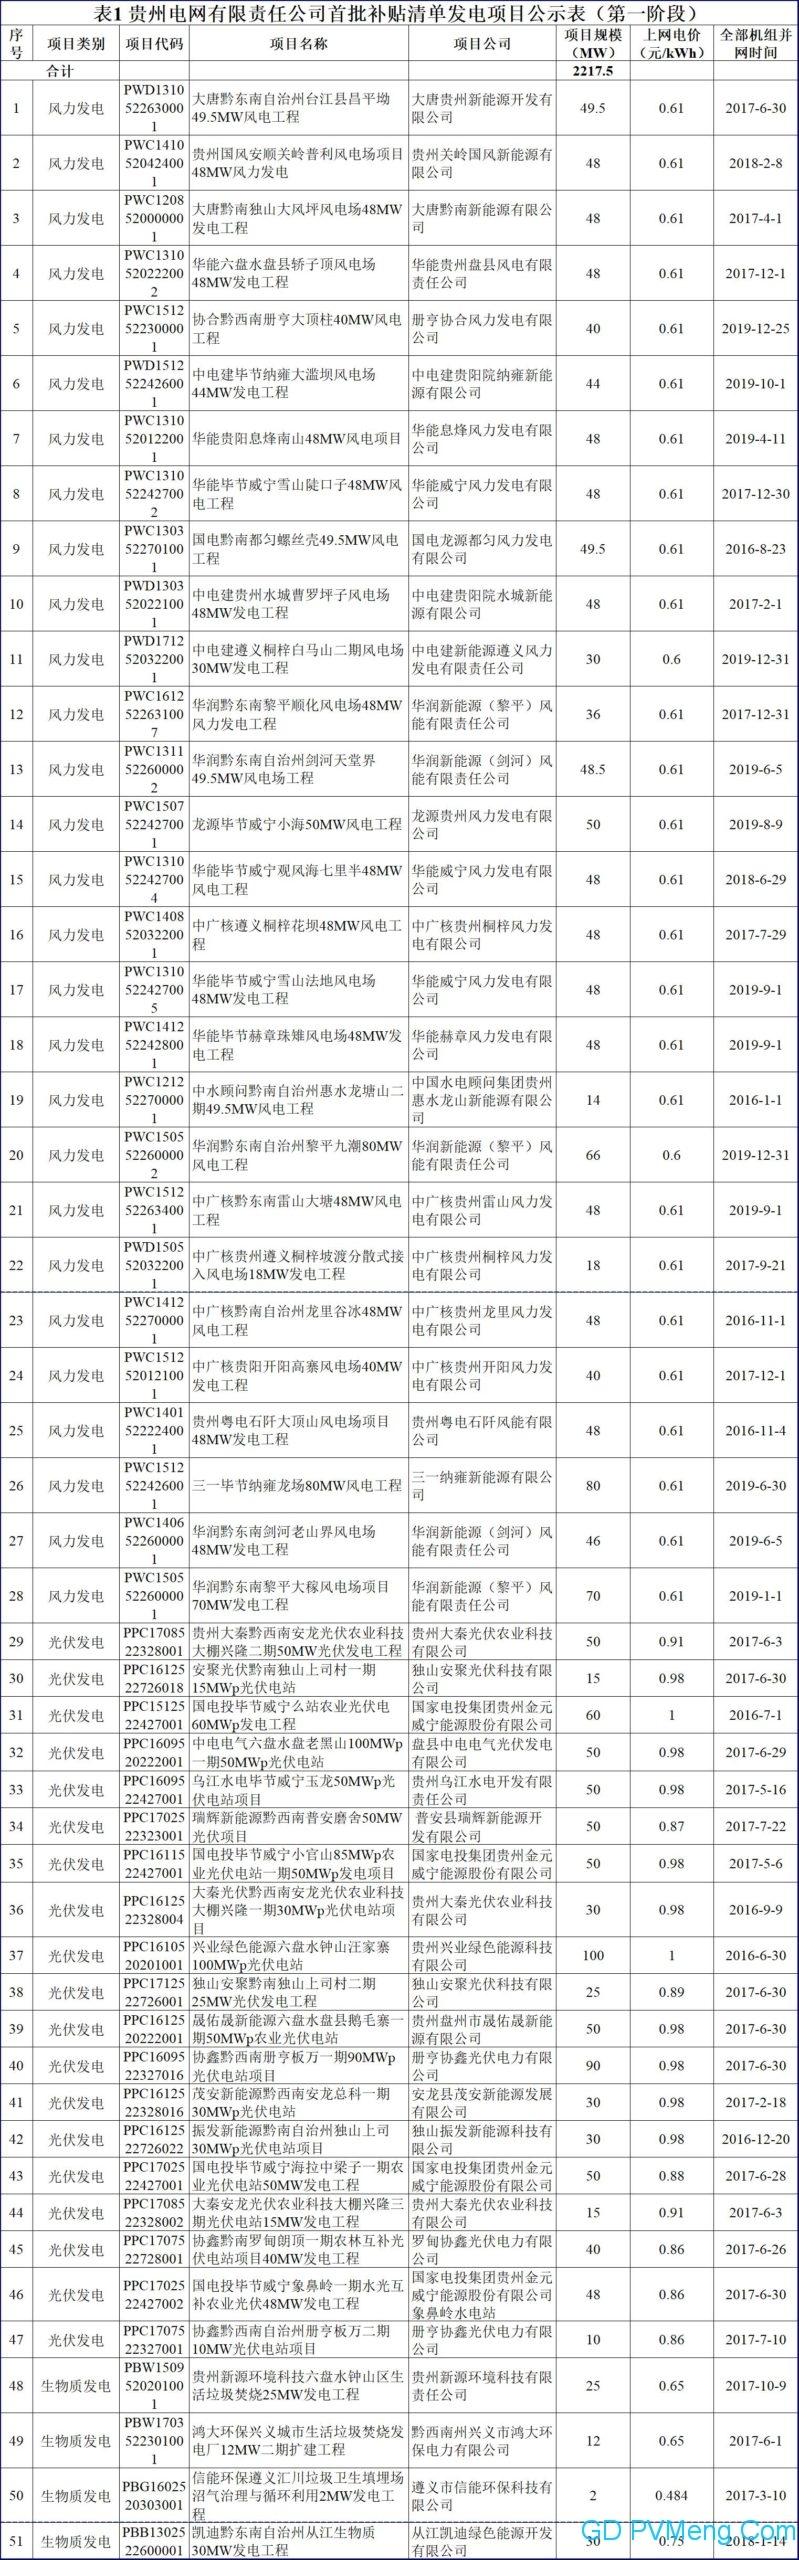 贵州电网可再生能源电价附加补贴清单申报发电项目复核通过项目名单(首批补贴清单第一阶段)20200423